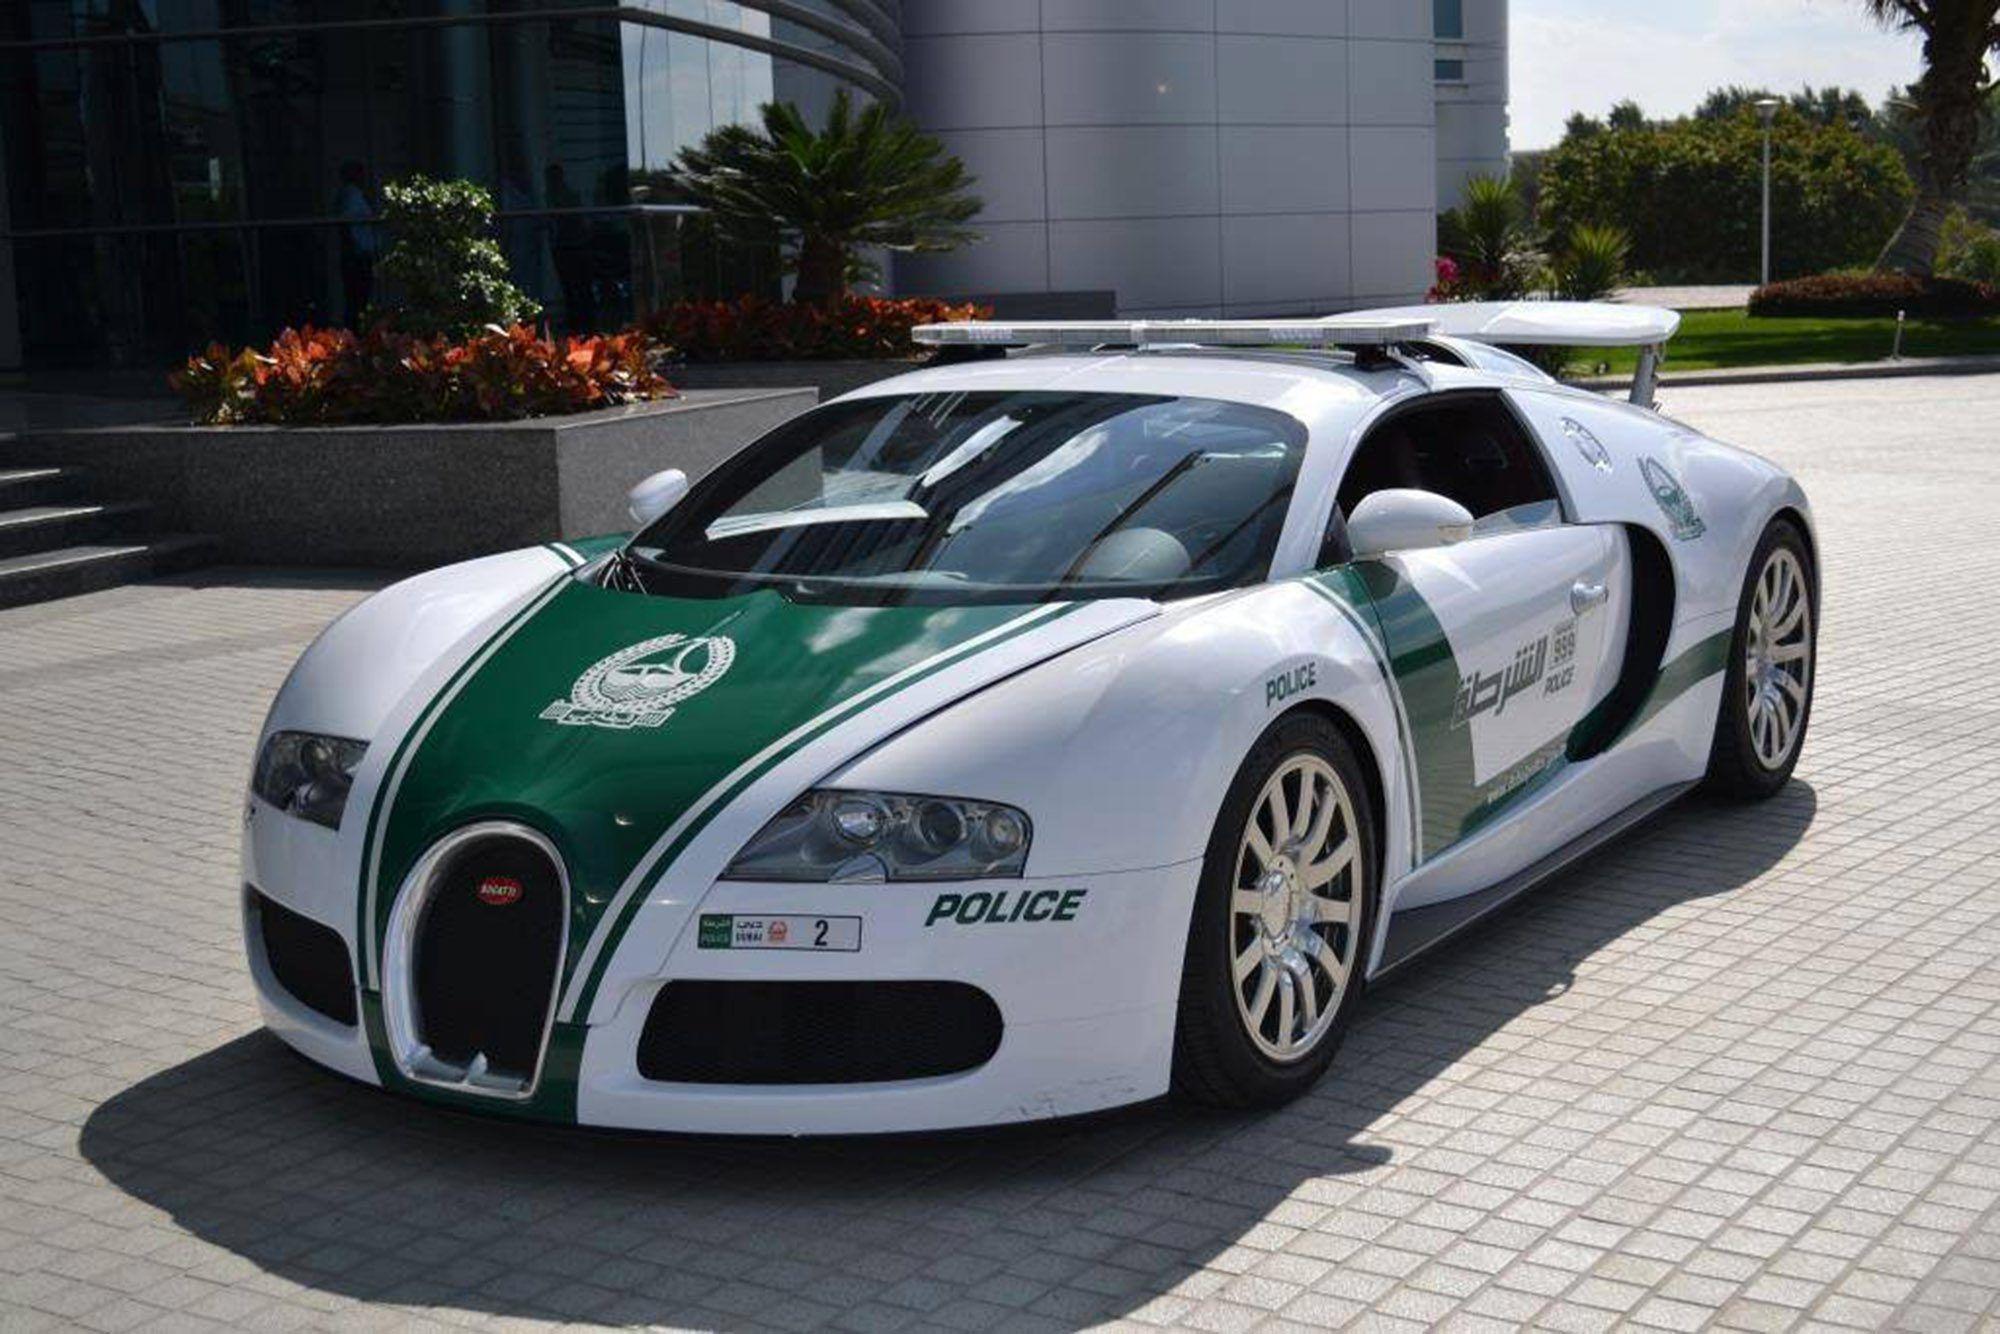 Bugatti Archives   Cyberwarzone | Jordans Yachts Wachtes Lambo Buggati  Adidas | Pinterest | Bugatti Veyron And Delft